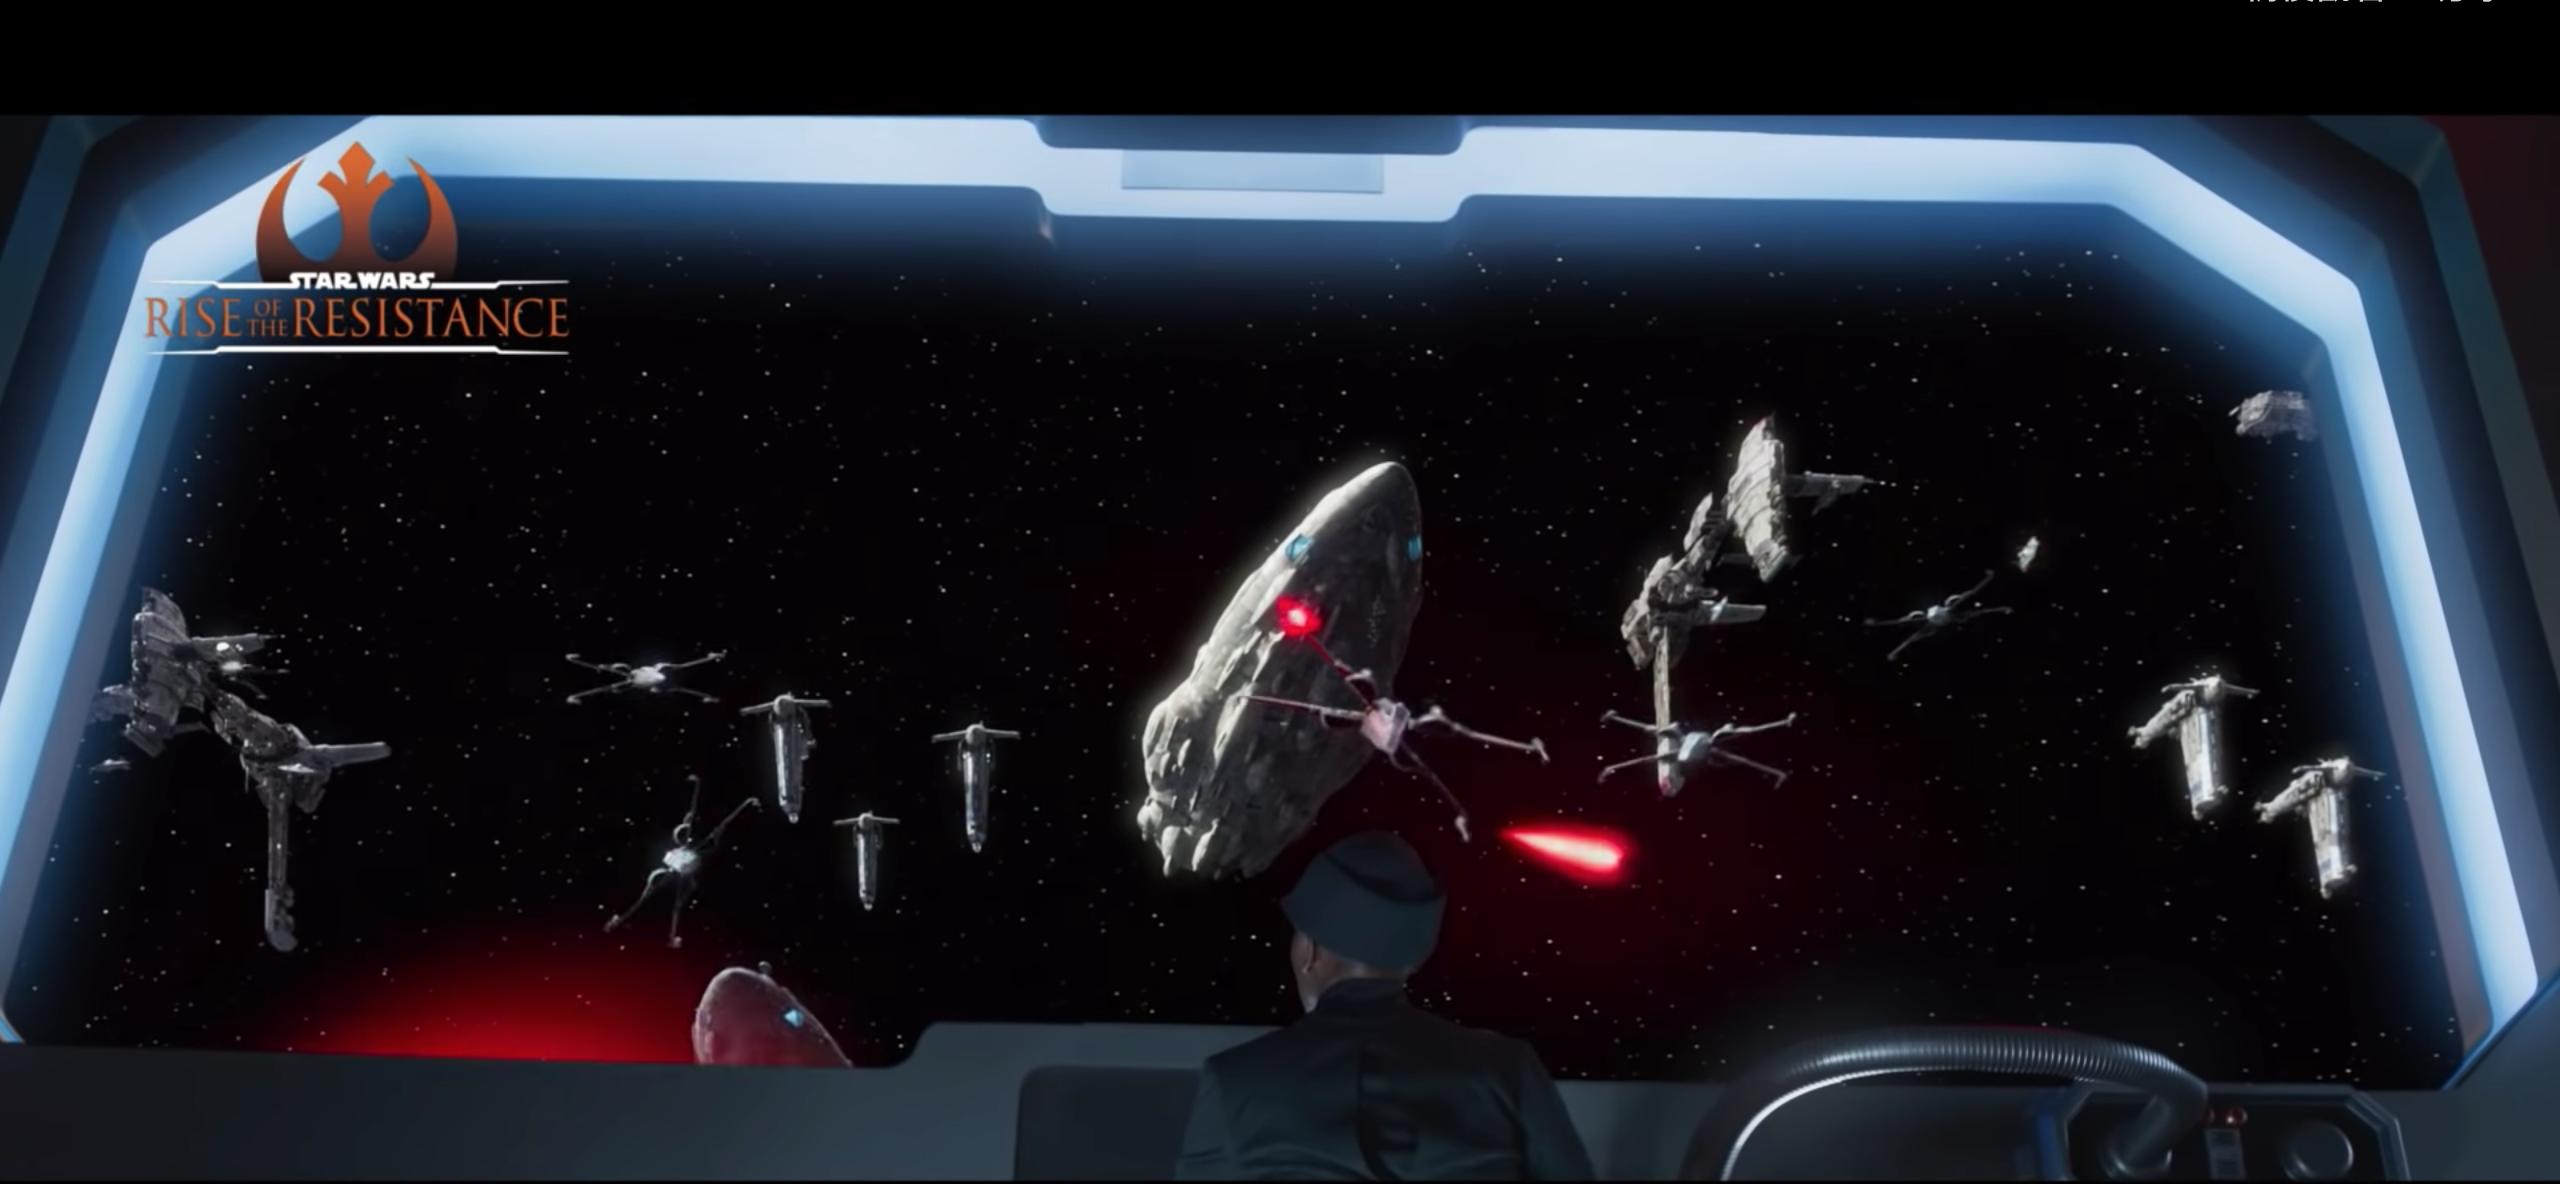 2019夏季開幕 迪士尼星戰新園區「銀河邊緣」搶先看 :千年鷹號探險與對抗第一軍團凱羅忍首圖